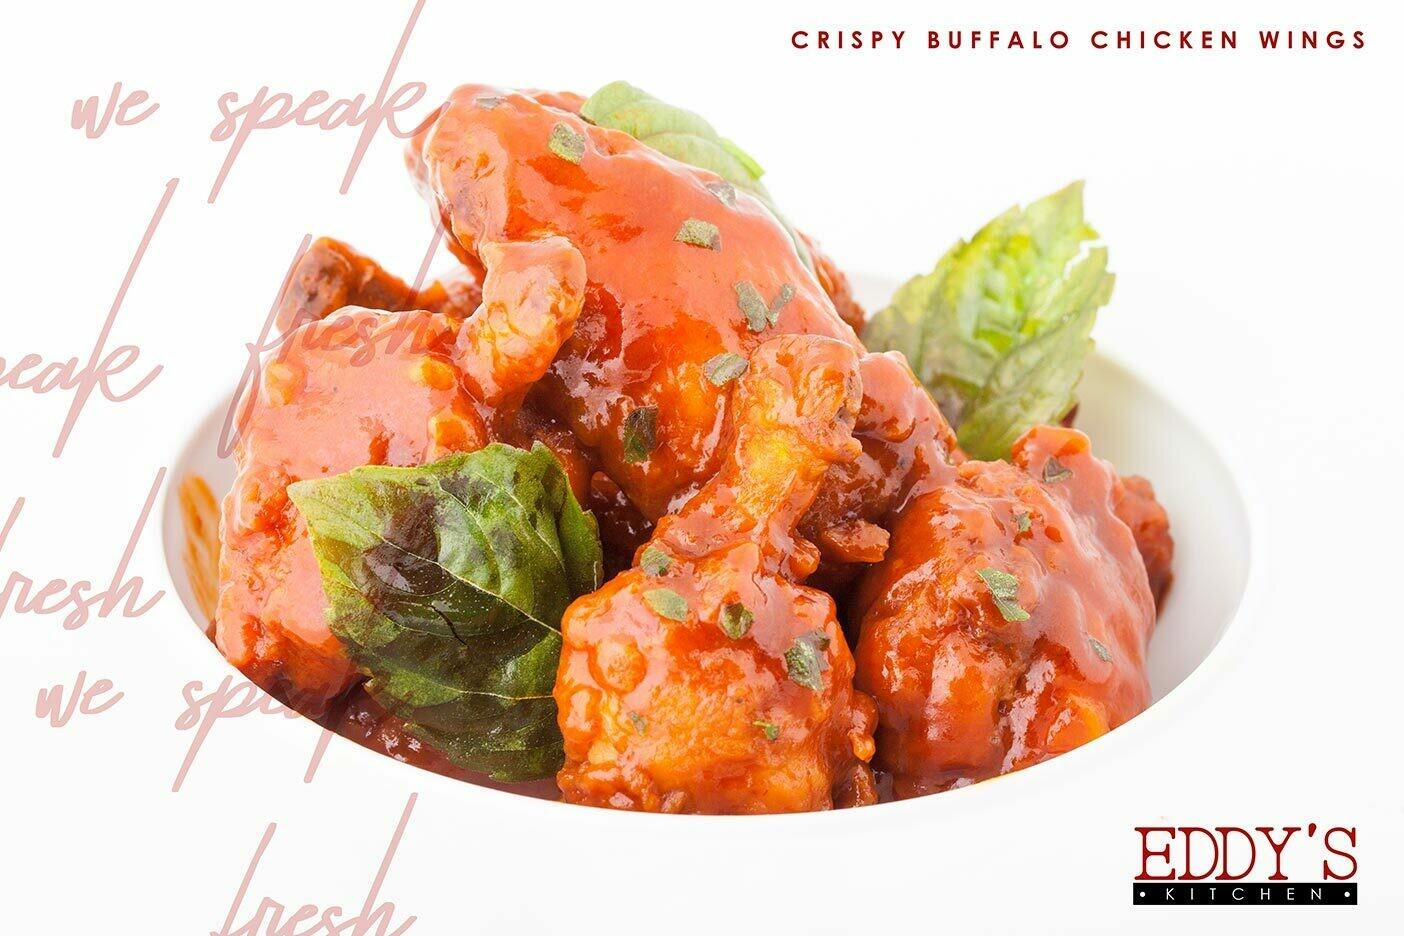 Crispy Buffalo Chicken Wings (600g) كرسبي بافلو تشيكن وينجز